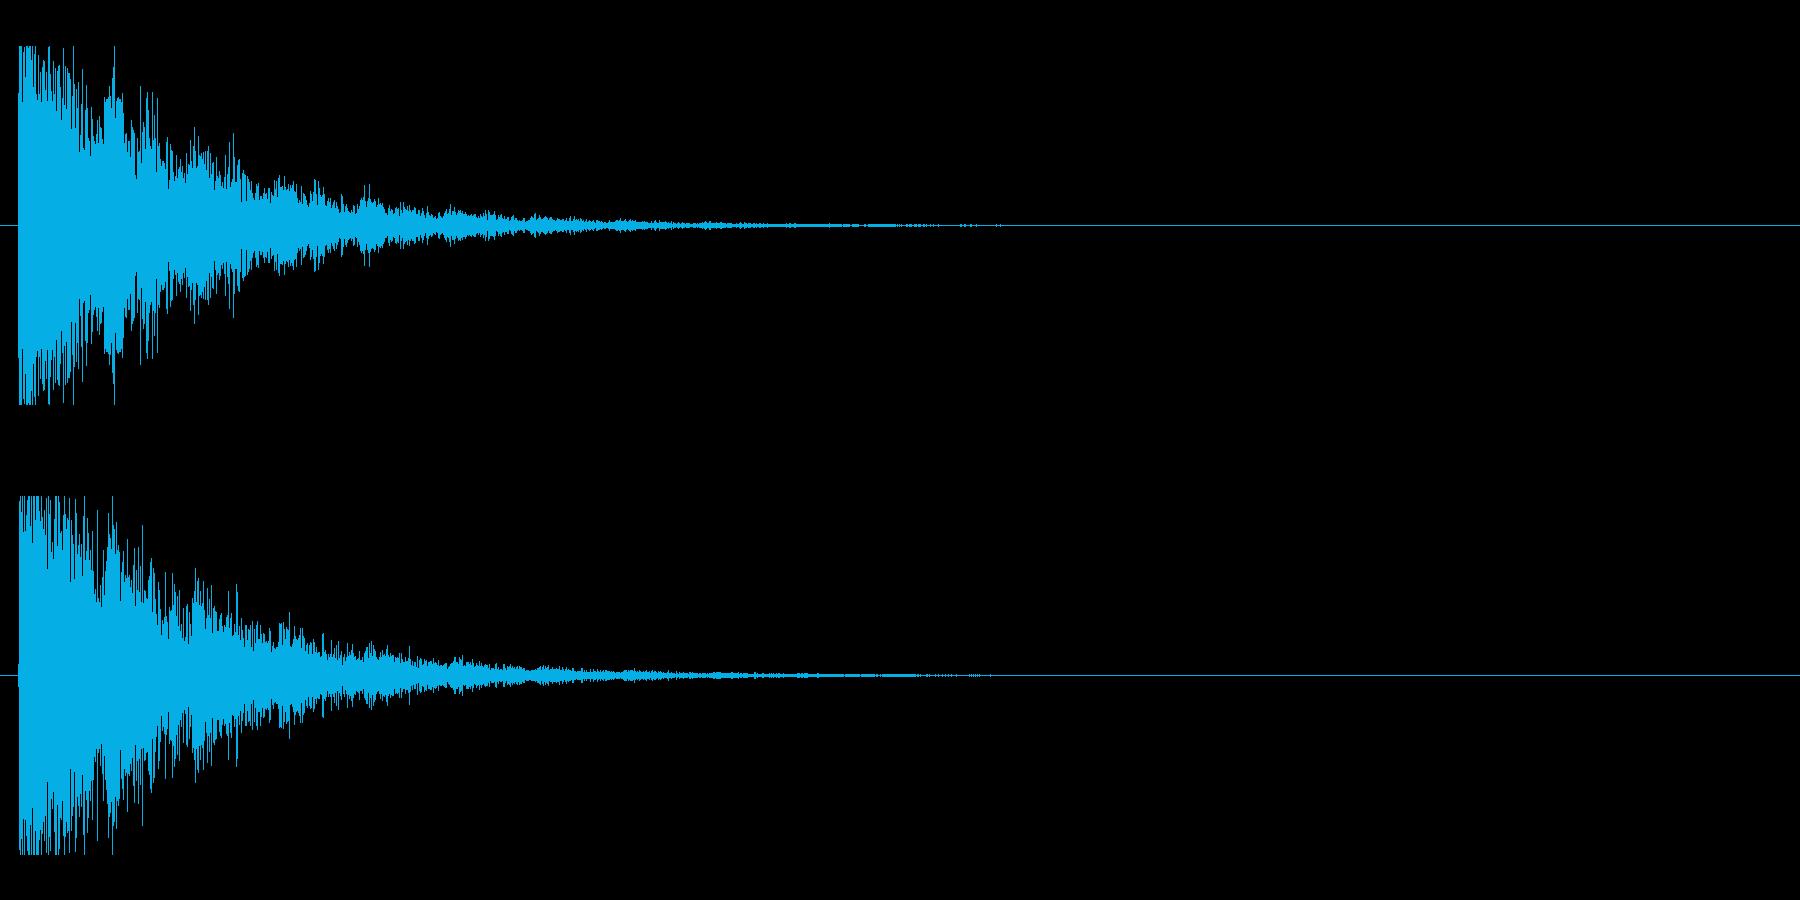 レーザー音-143-2の再生済みの波形